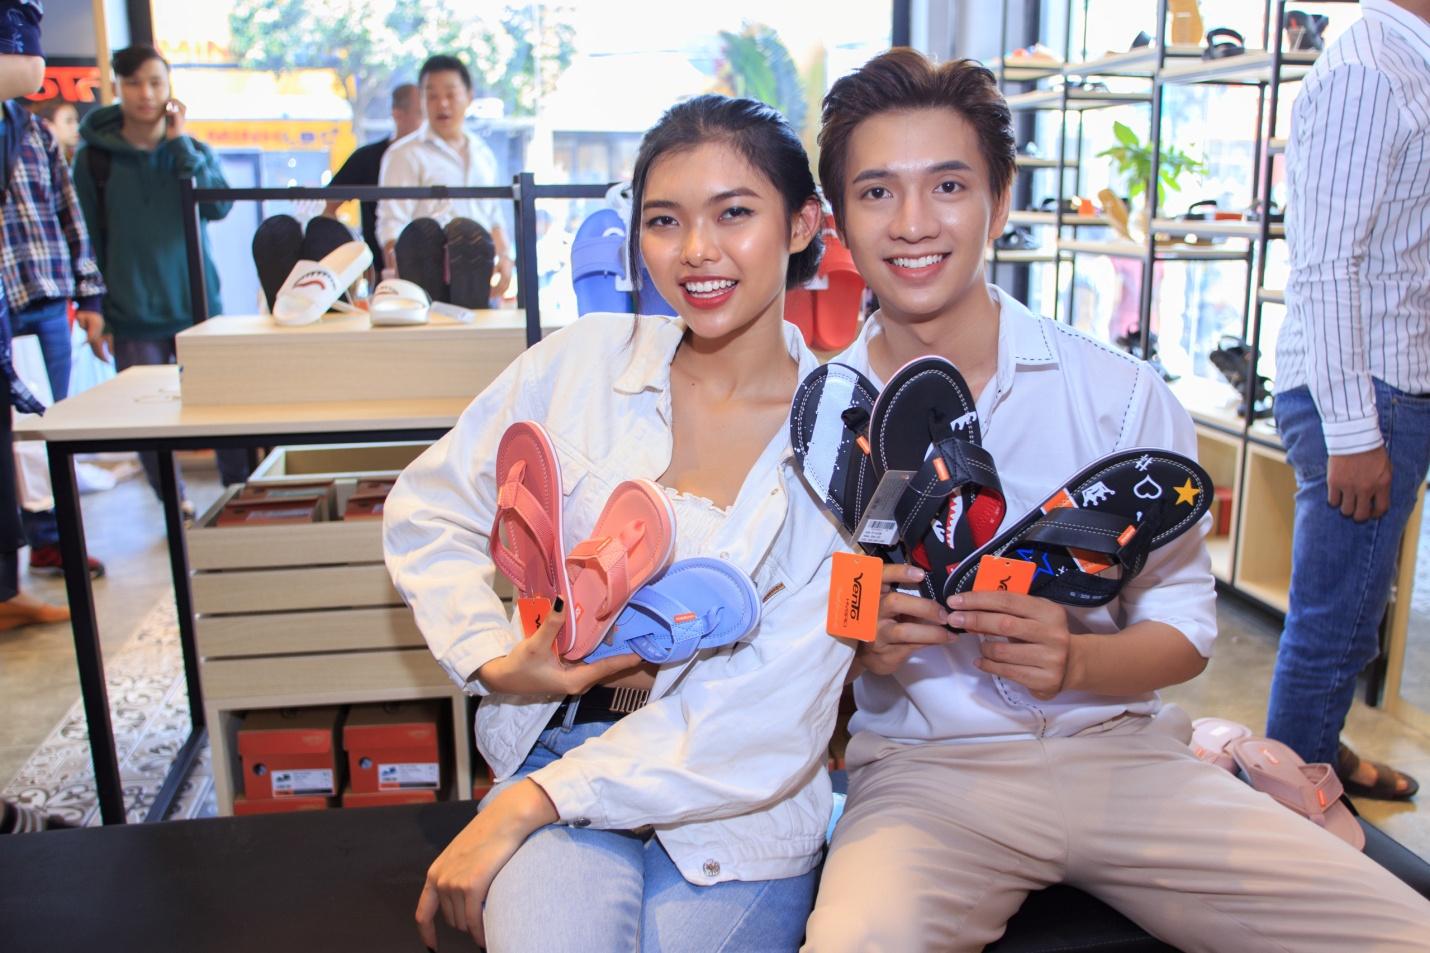 Không có người nổi tiếng làm đại diện, thương hiệu giày dép VENTO vẫn được giới trẻ săn lùng - Ảnh 2.